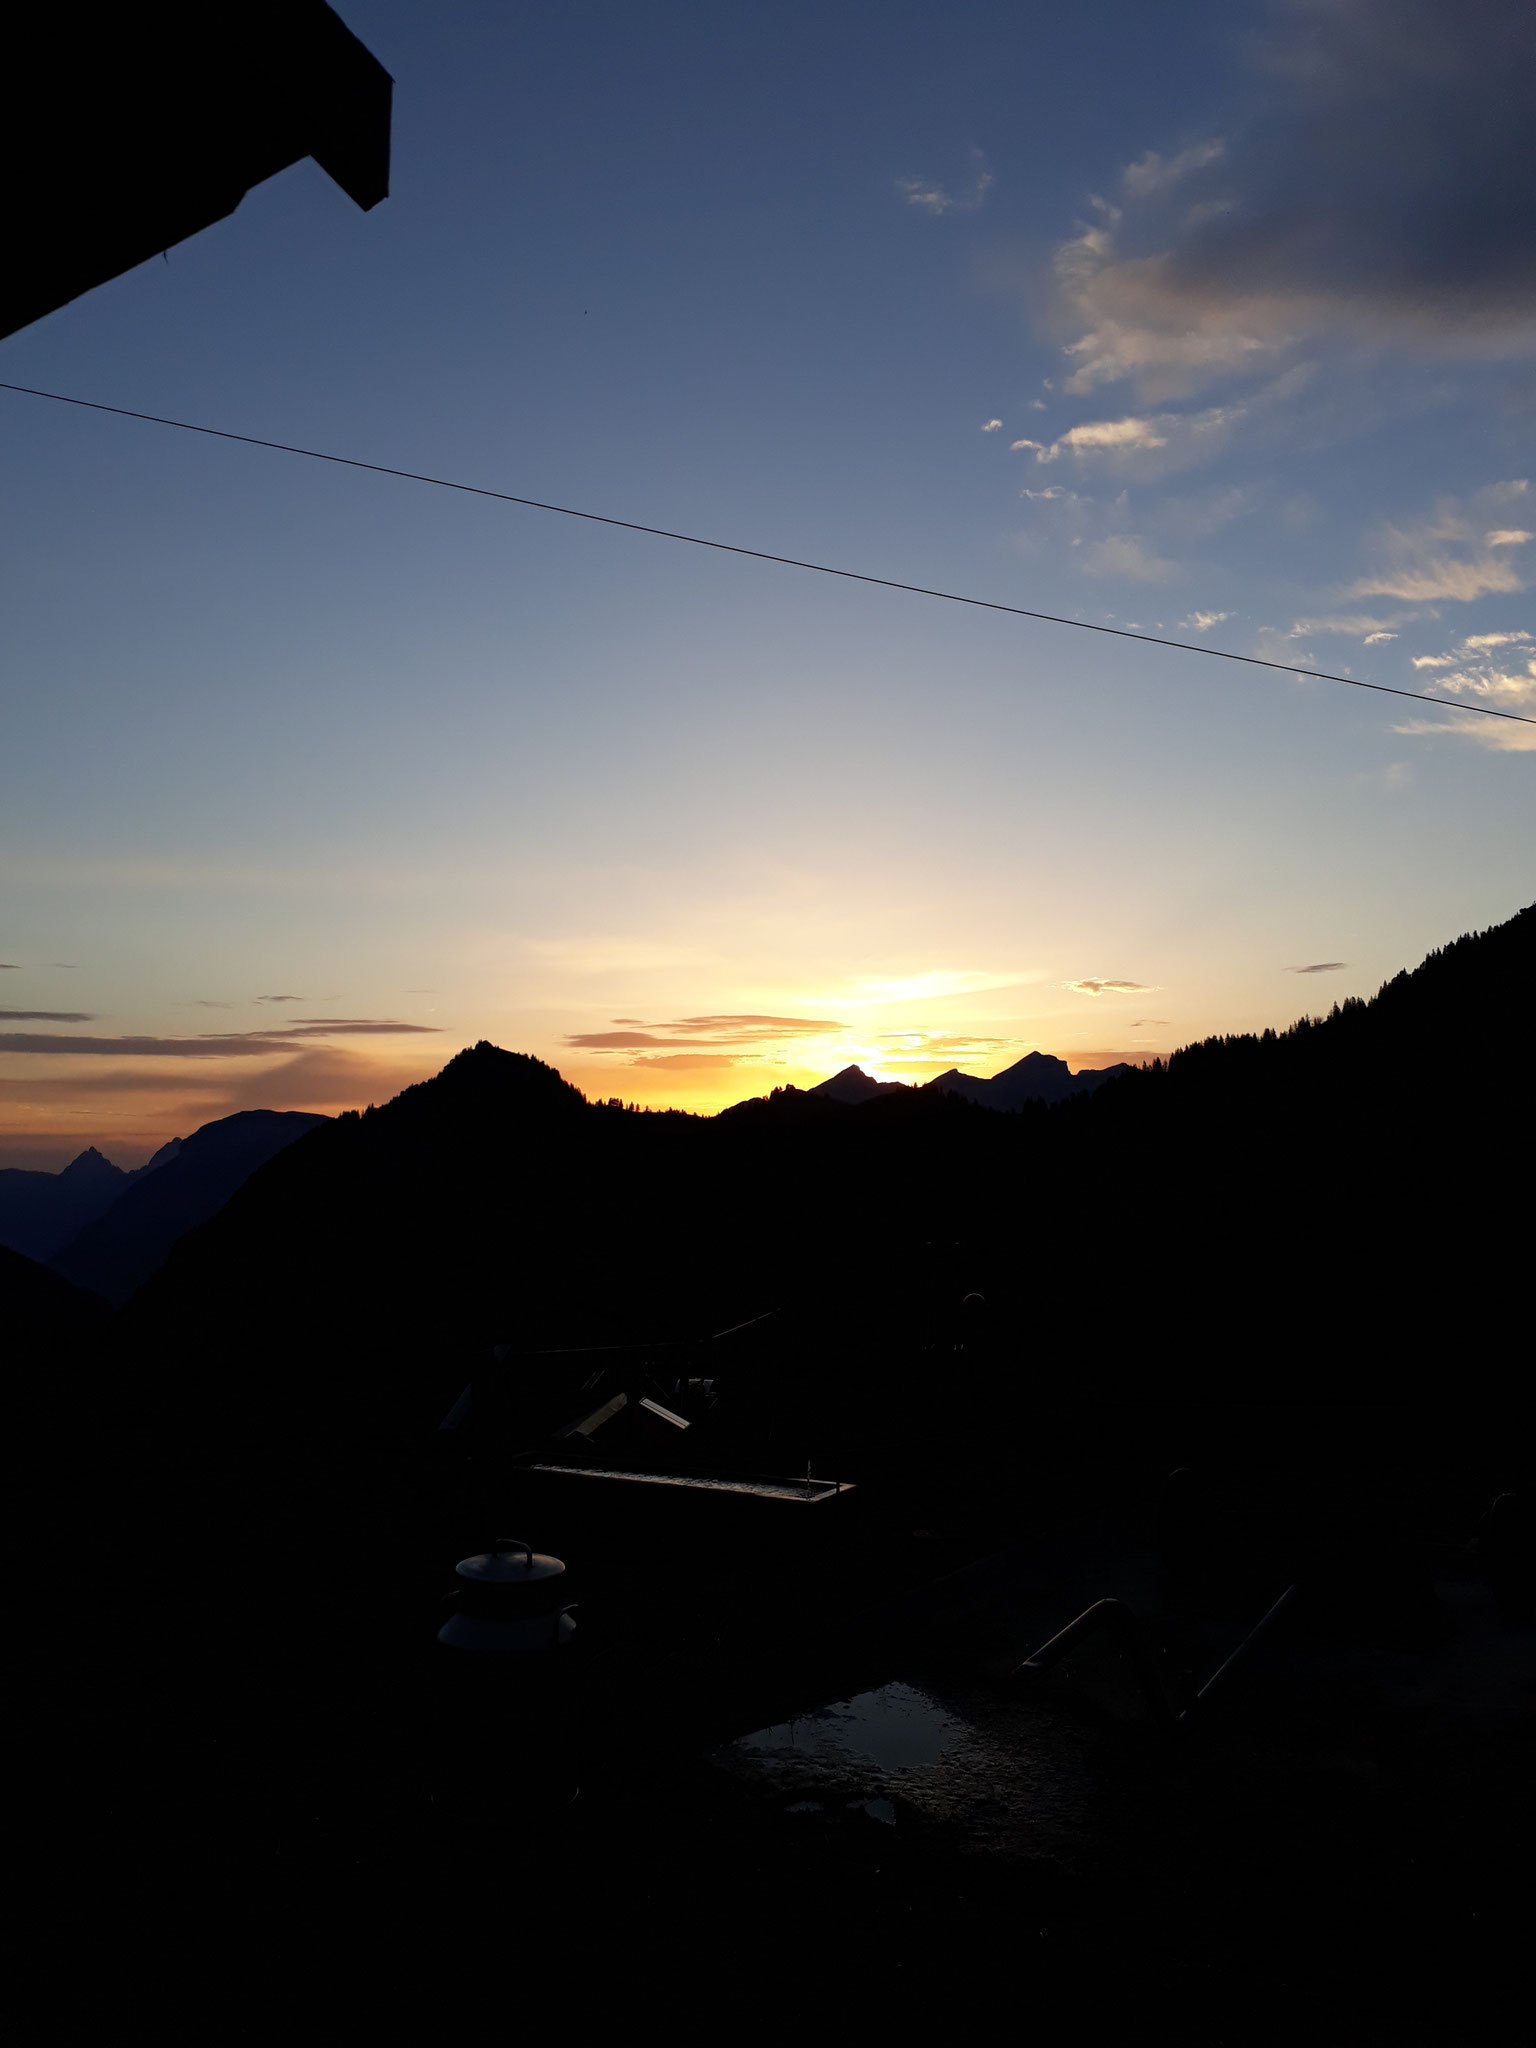 Sonnenaufgang hinter dem Rophaien, links davon Schartihöreli, Fronalpstock und Mythen.